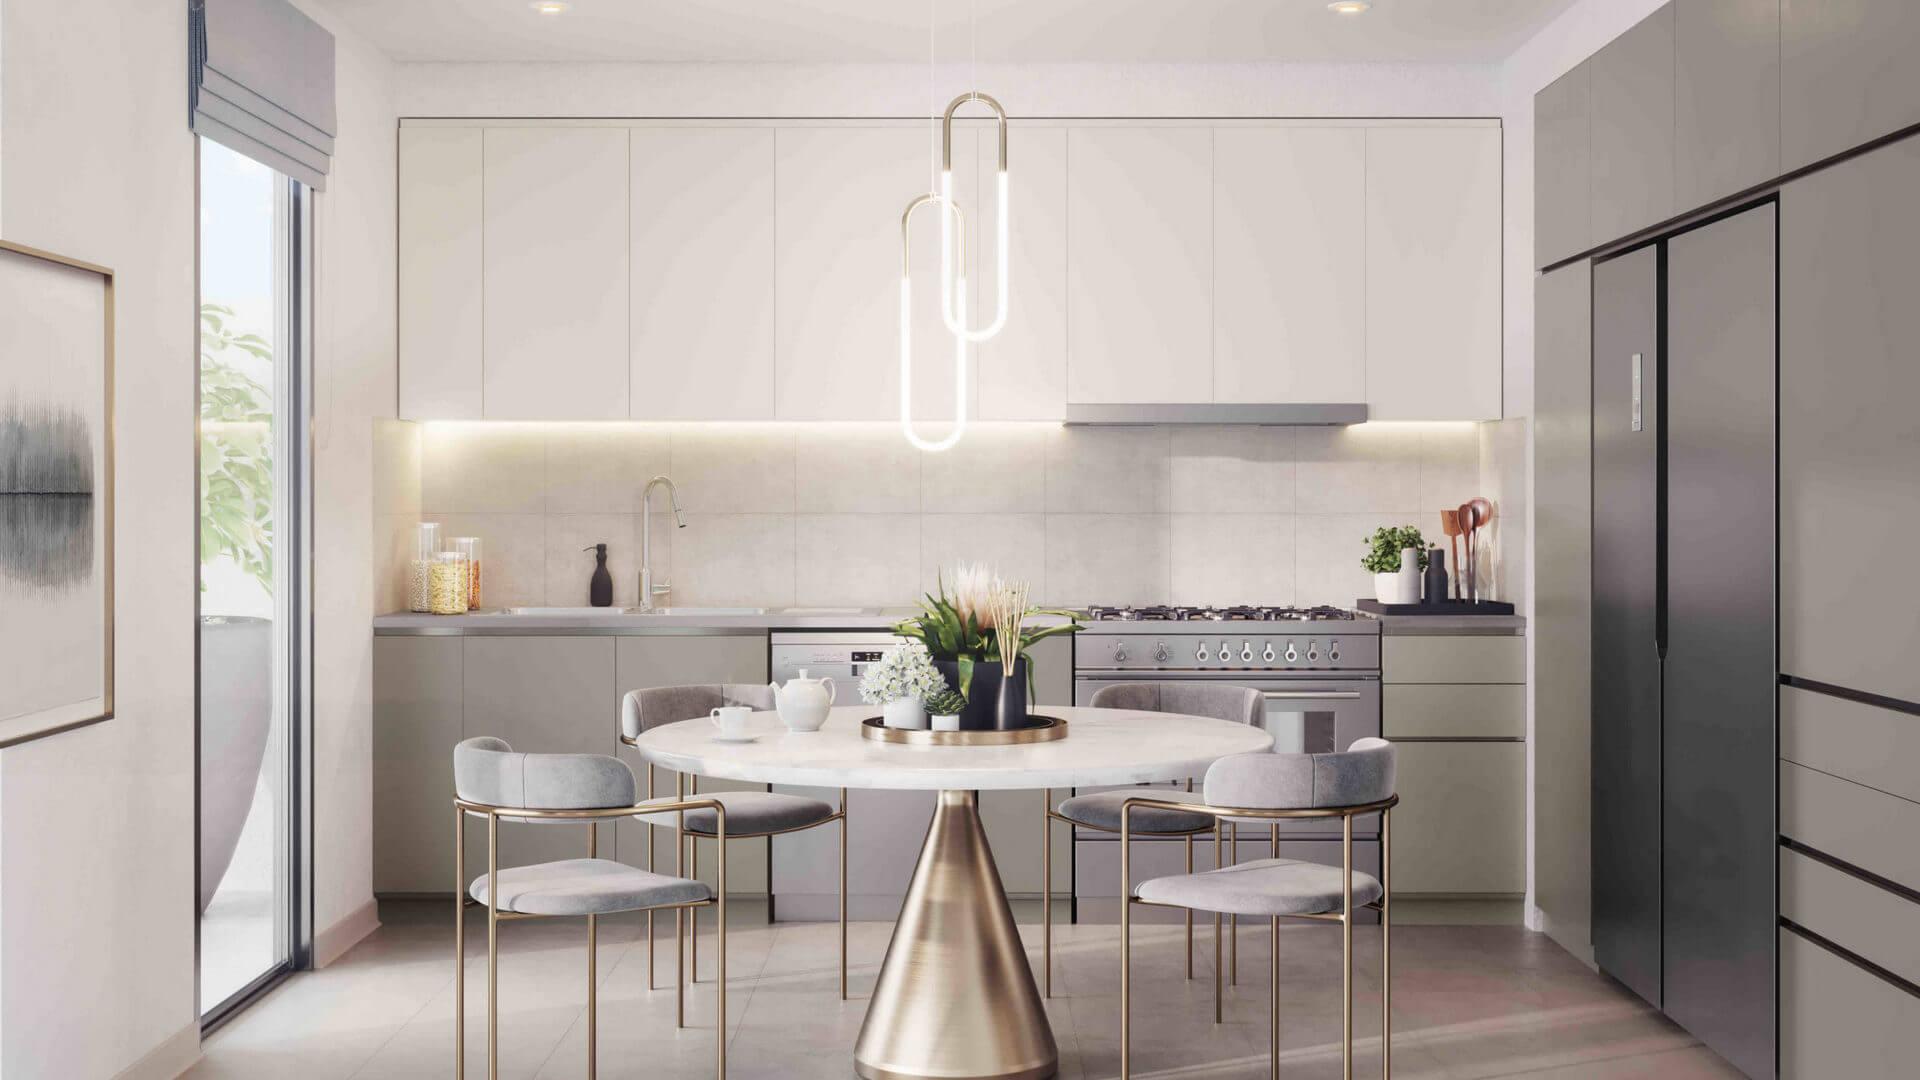 Villa en venta en Dubai, EAU, 3 dormitorios, 180 m2, № 24047 – foto 9